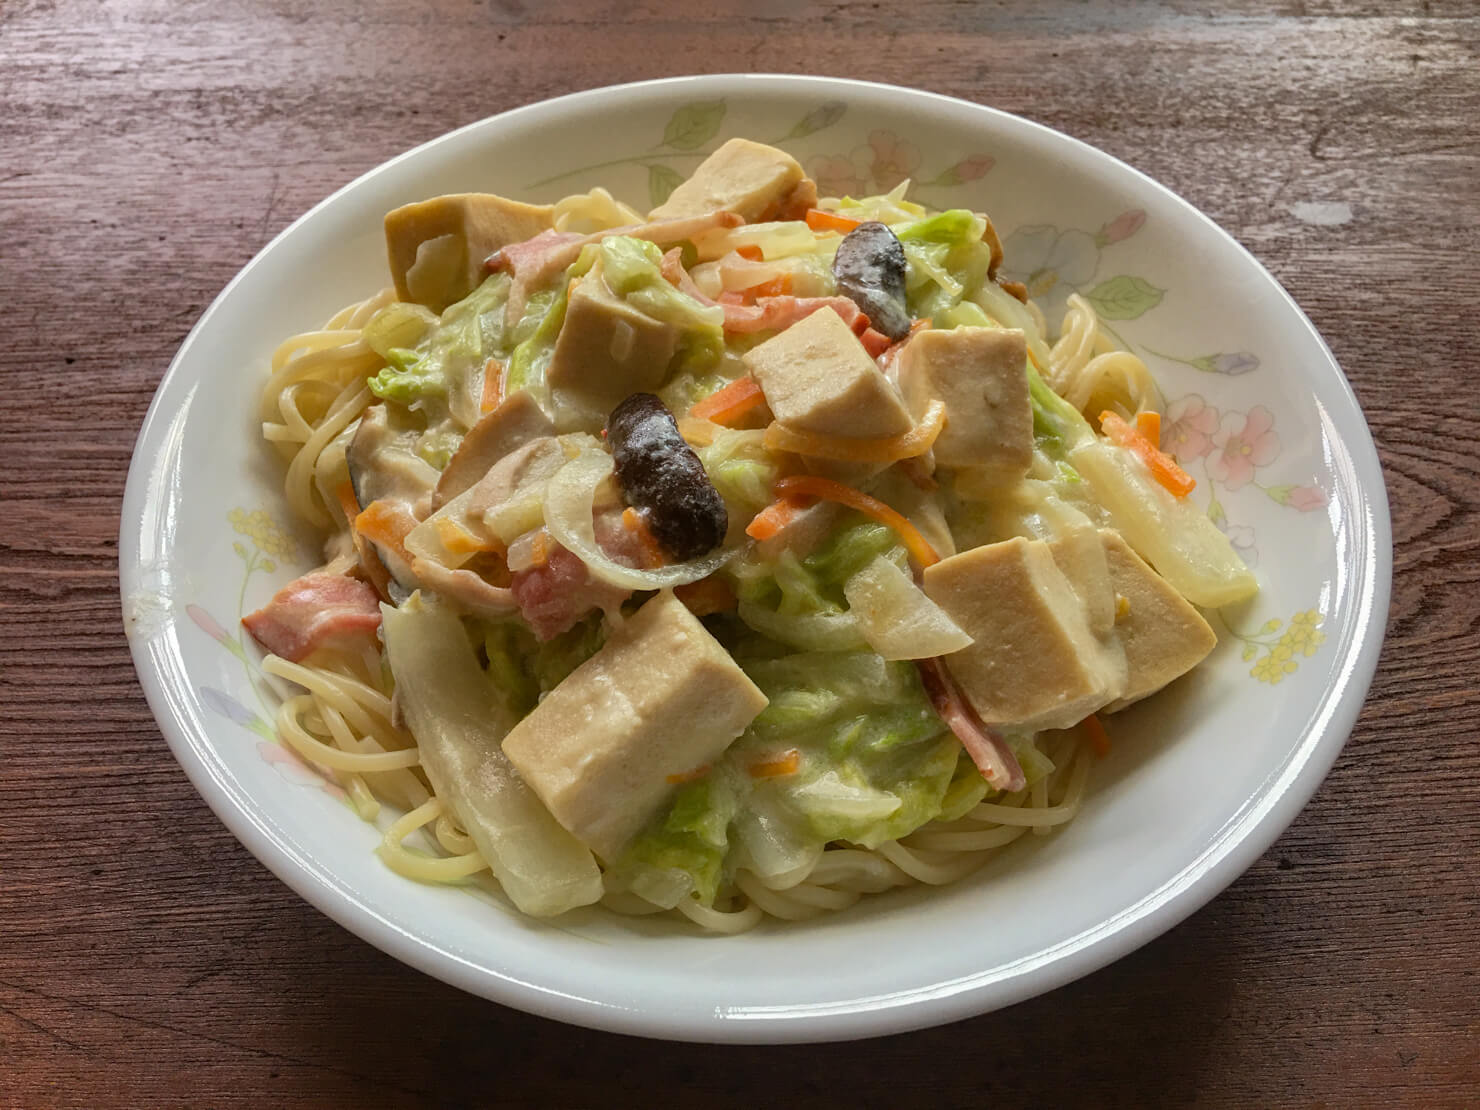 高野豆腐と白菜とベーコンの豆乳ソースパスタの写真